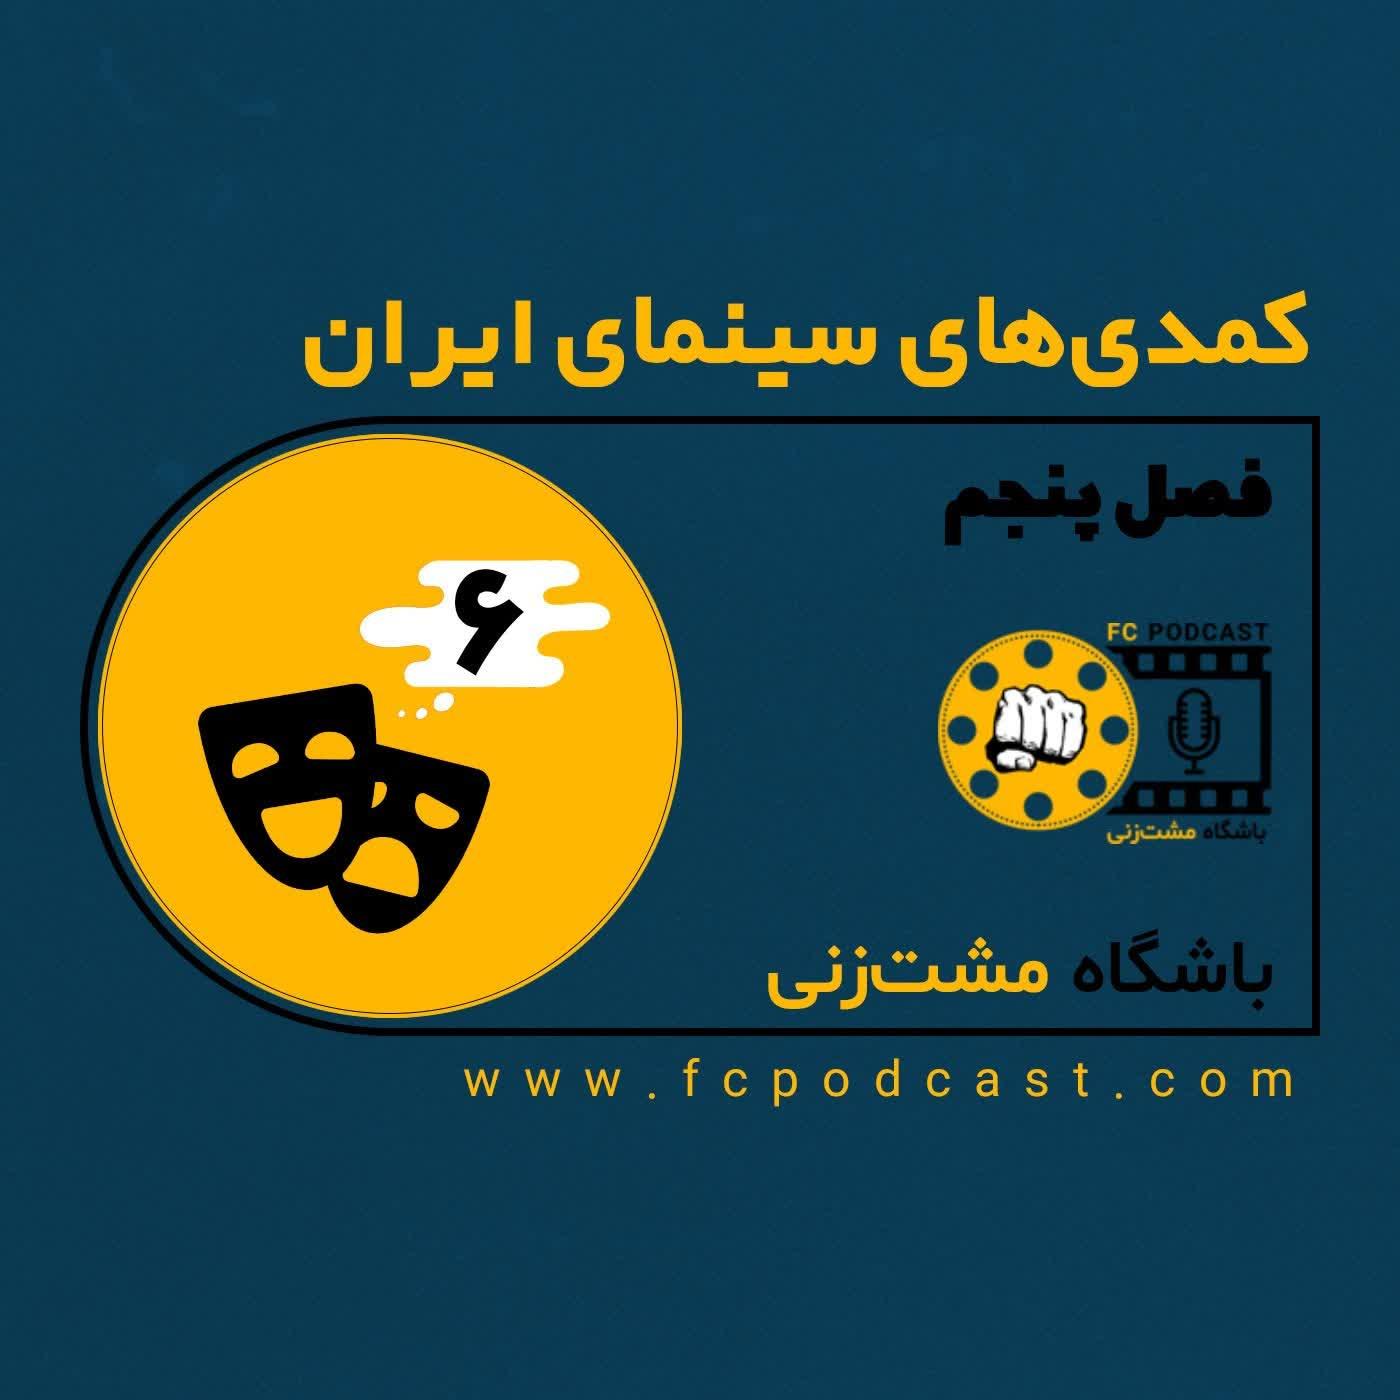 فصل پنجم (کمدی های سینمای ایران) - اپیزود ششم (آخر)